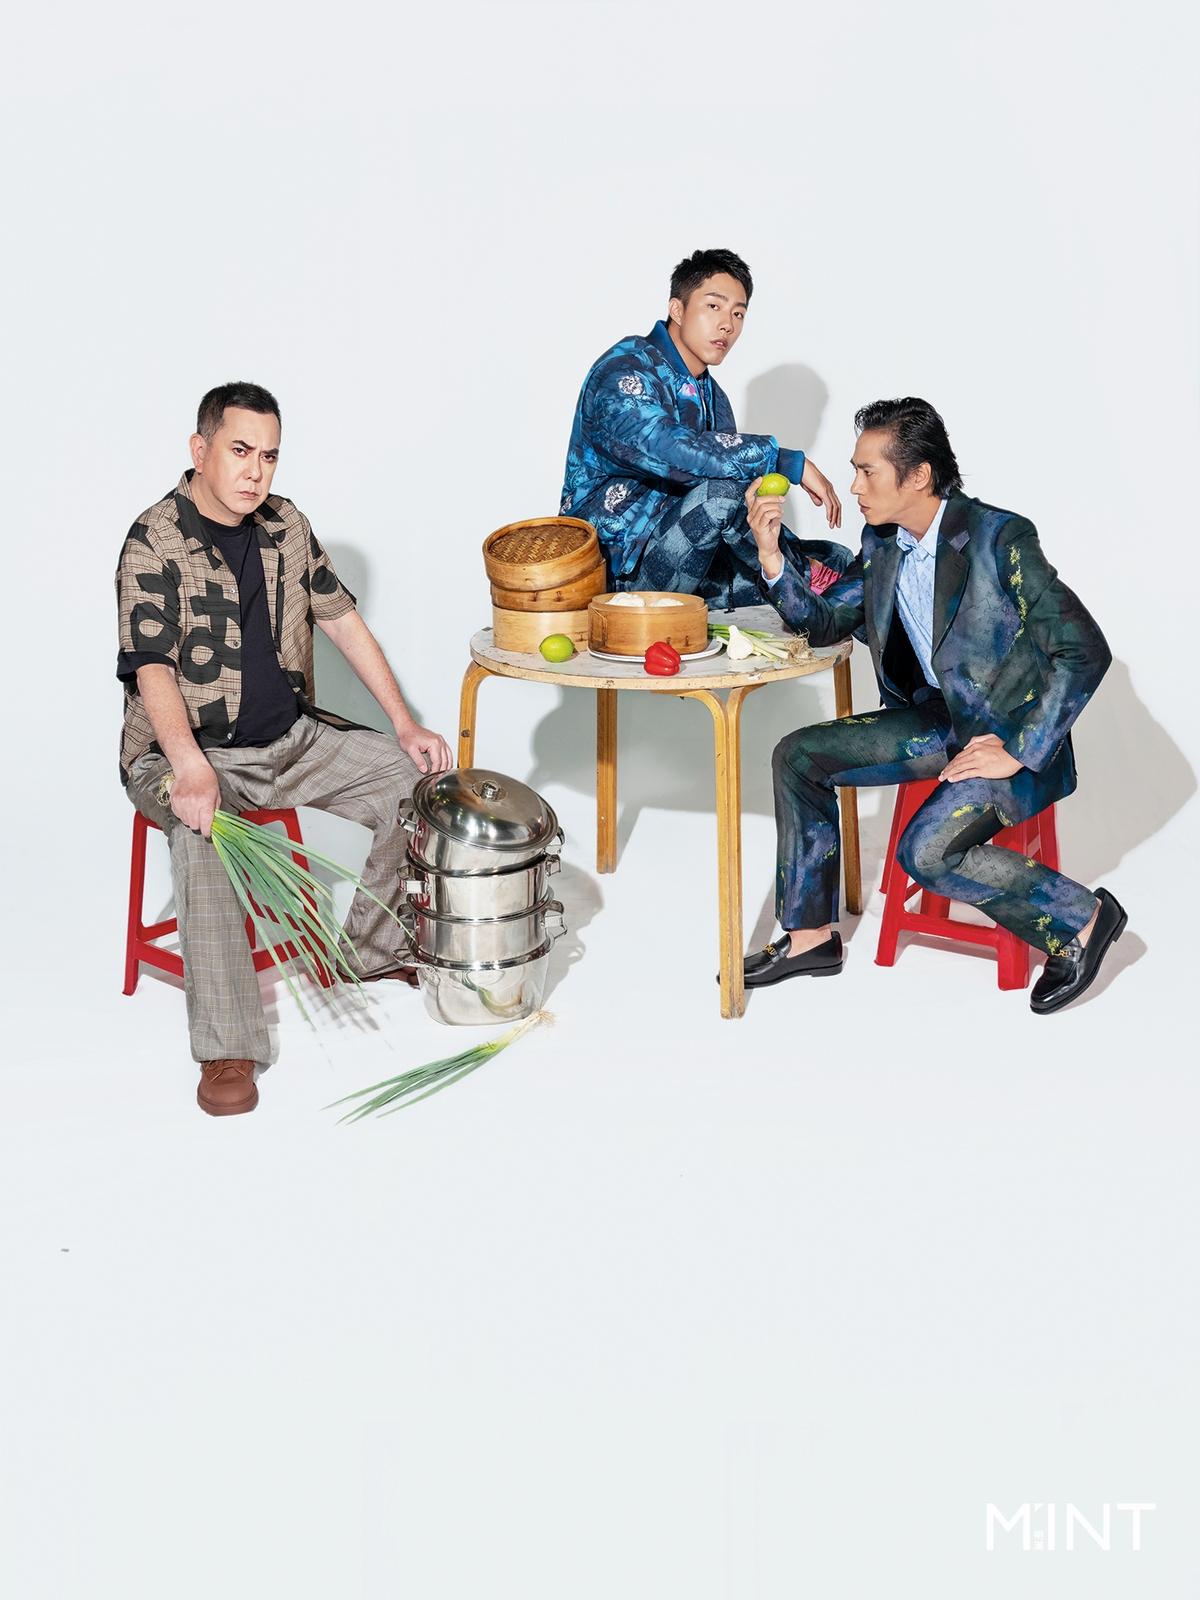 專訪/當我們湊在一起  黃秋生 莊凱勛 蔡凡熙